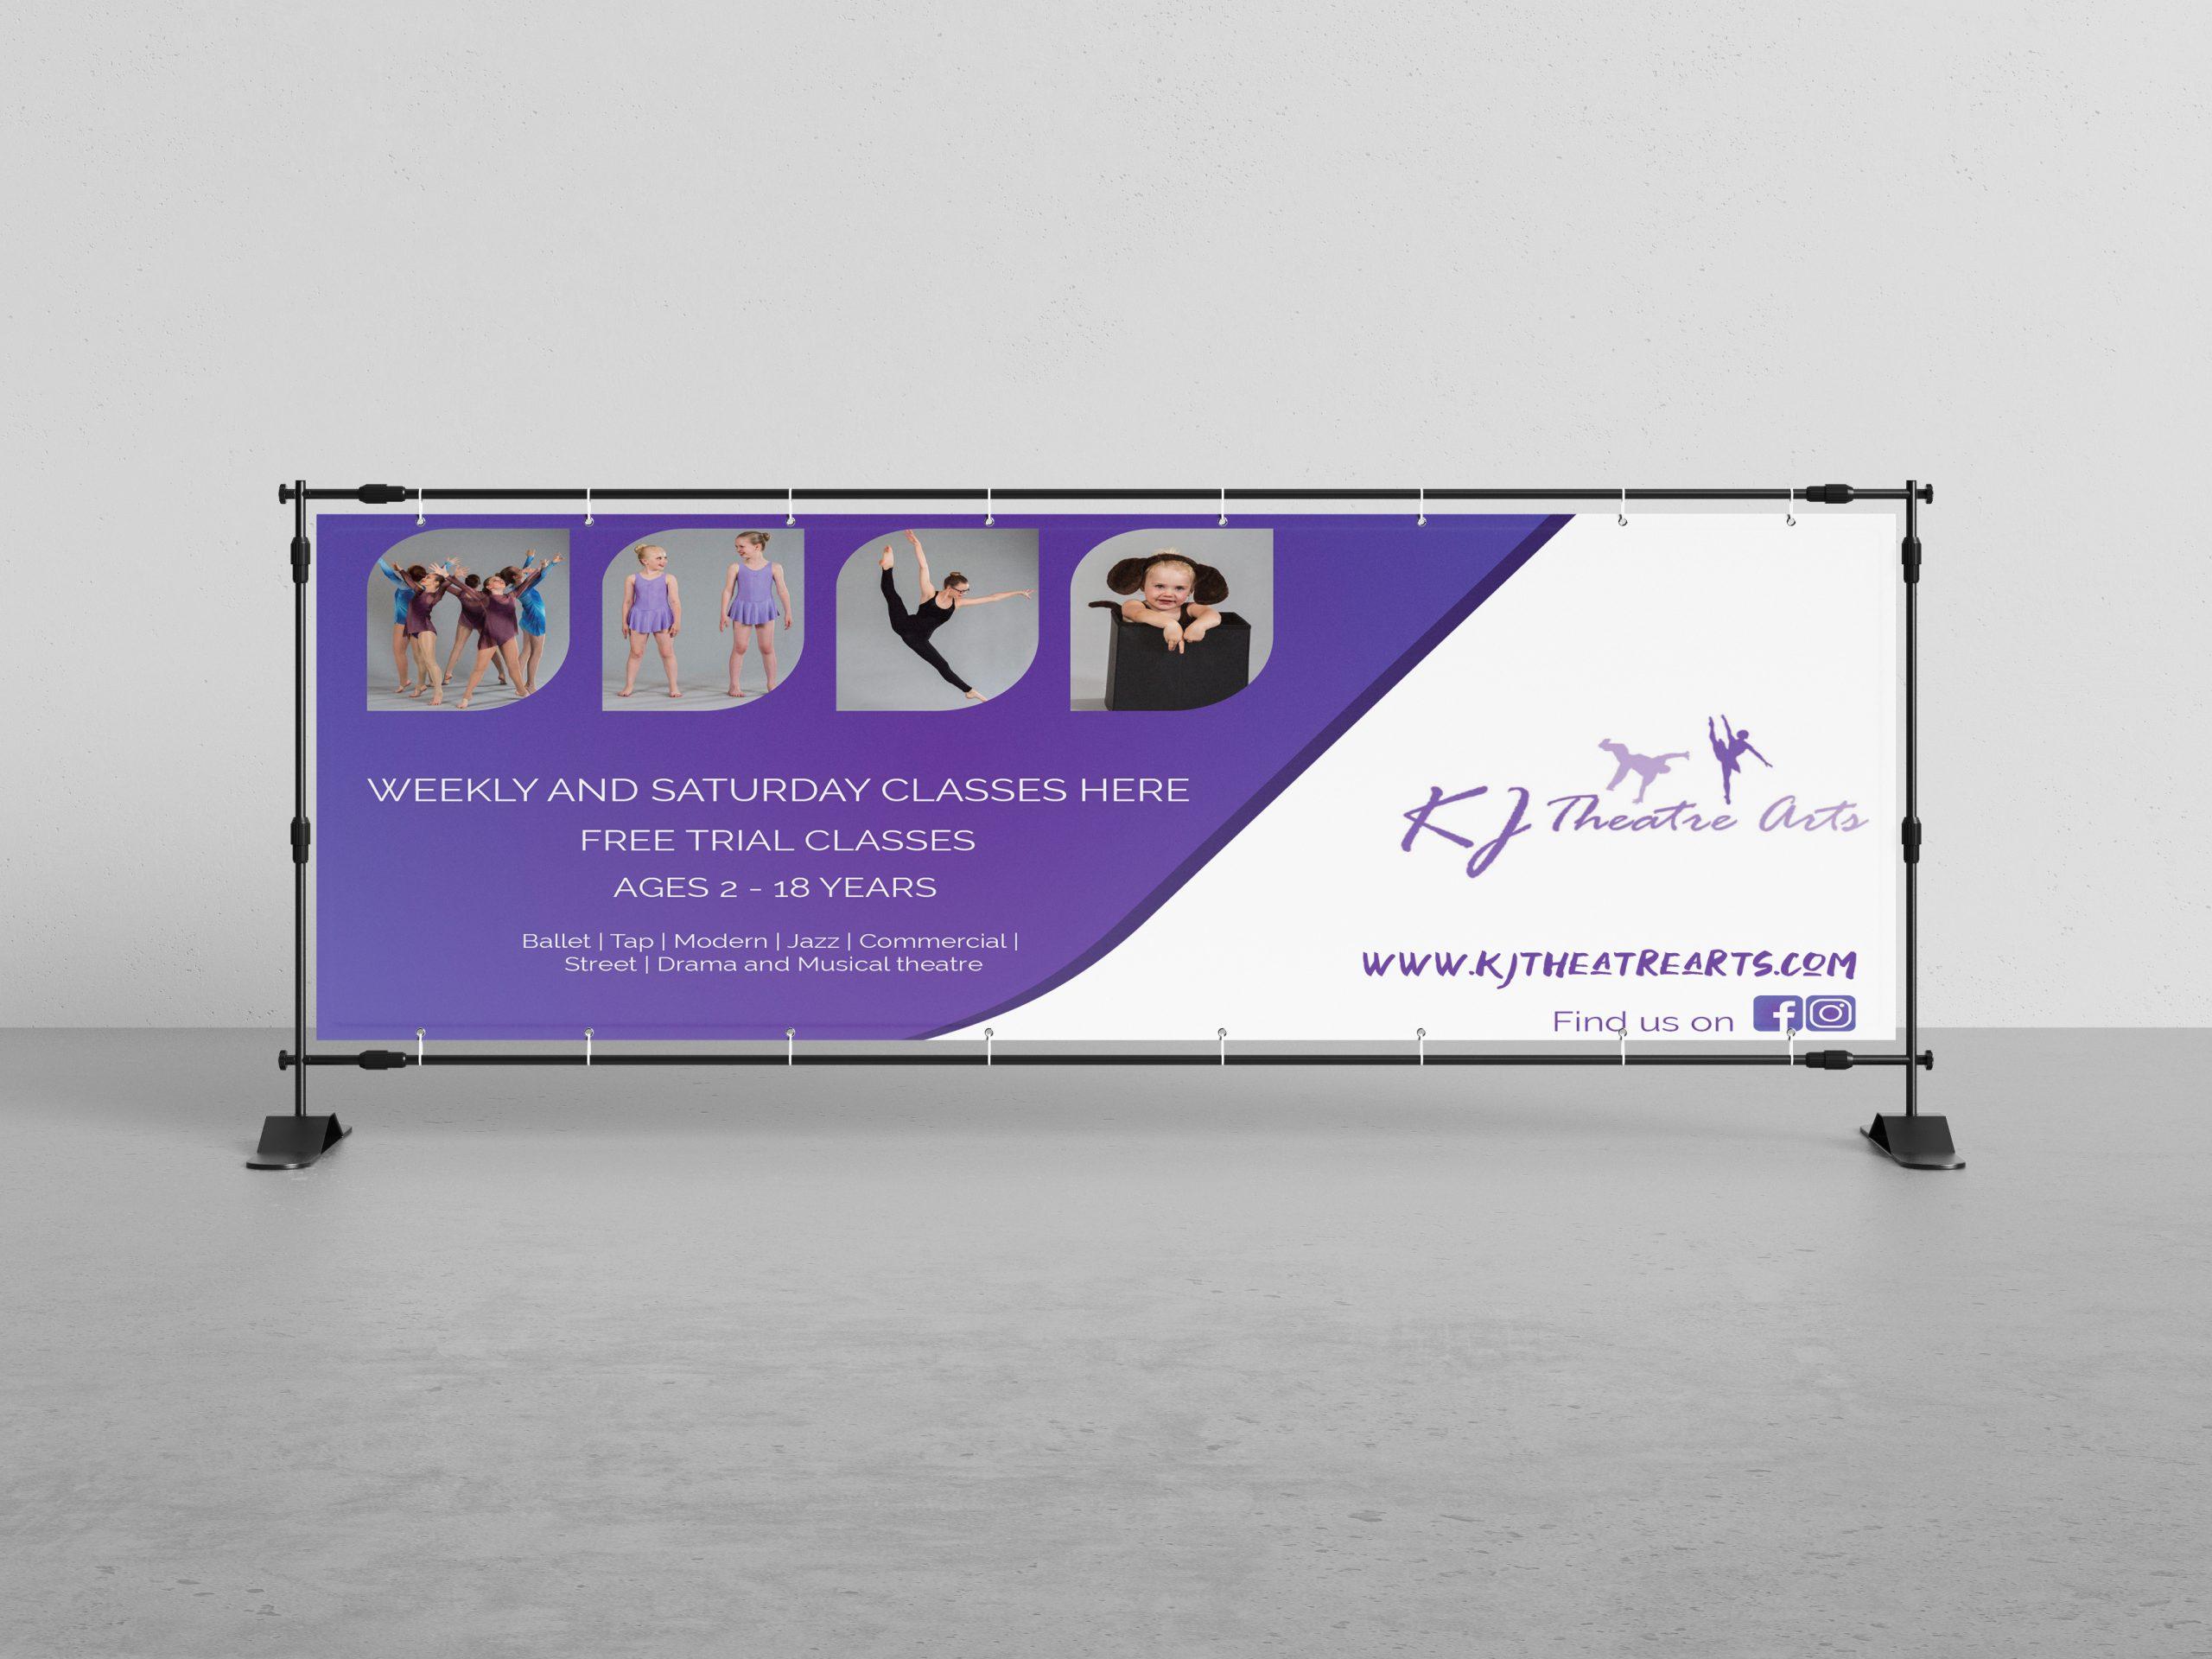 kj banner design